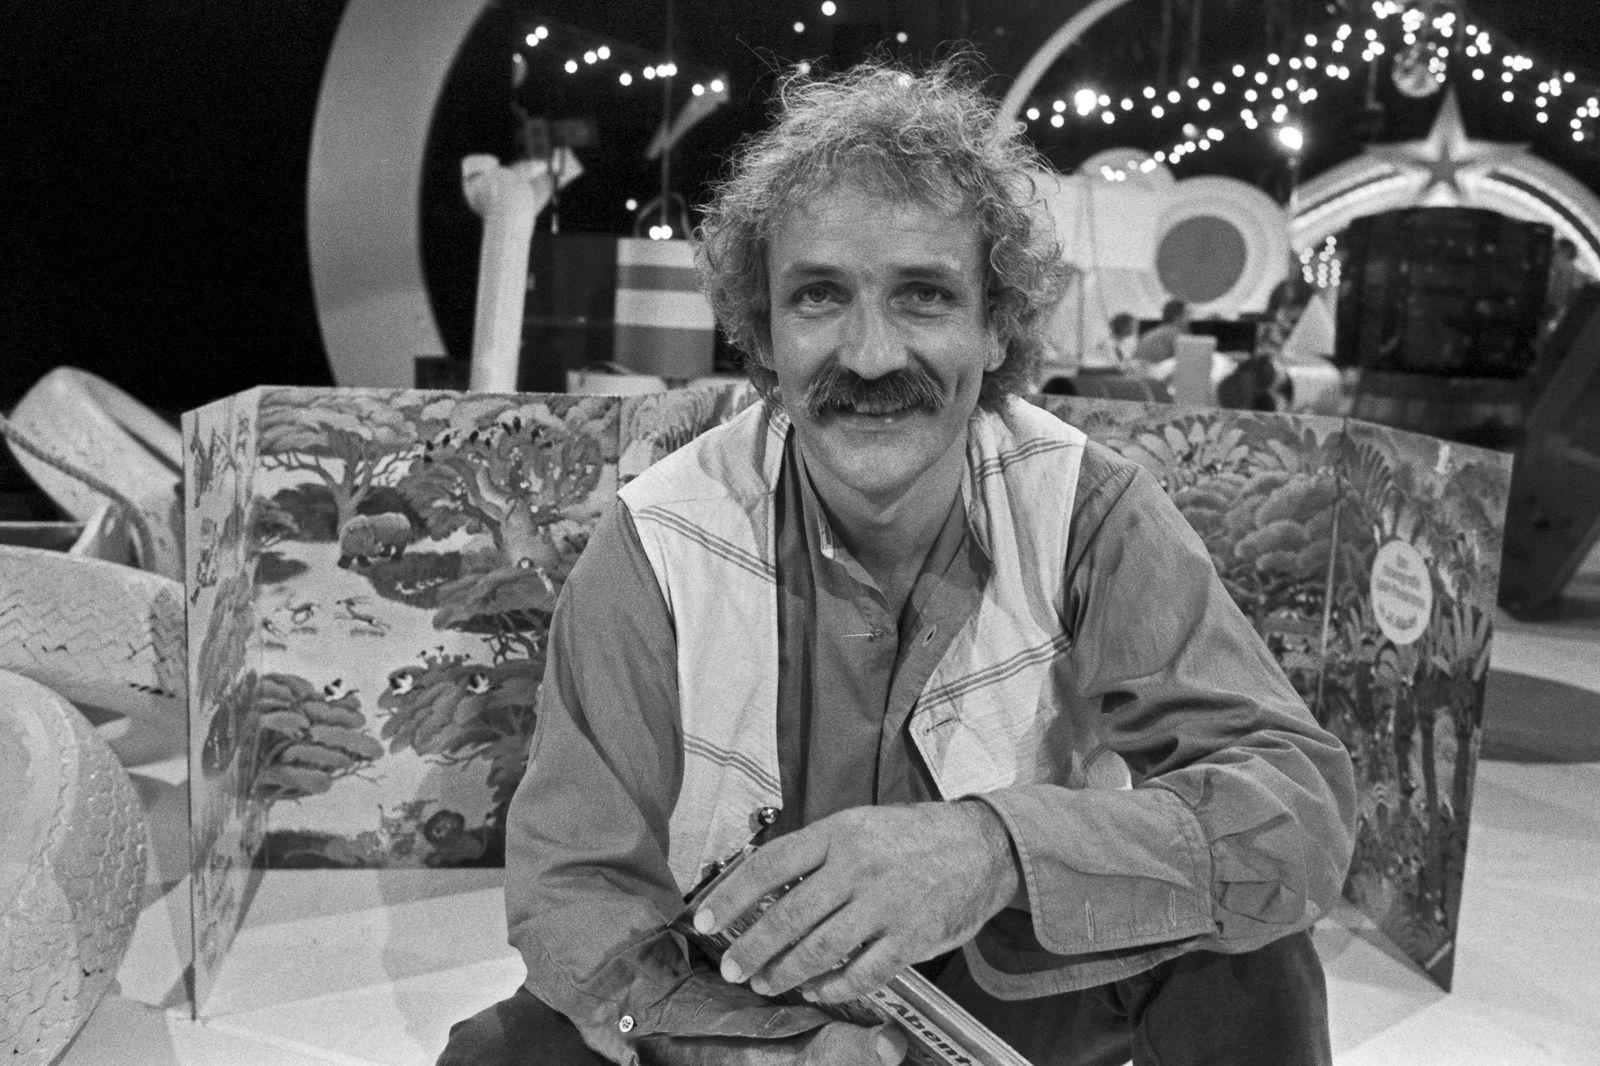 Die Spielbude Die Spielbude, Unterhaltungsserie, Deutschland 1982 - 1989, hier: Kinderbuchautor Alfons Ali Mitgutsch Co